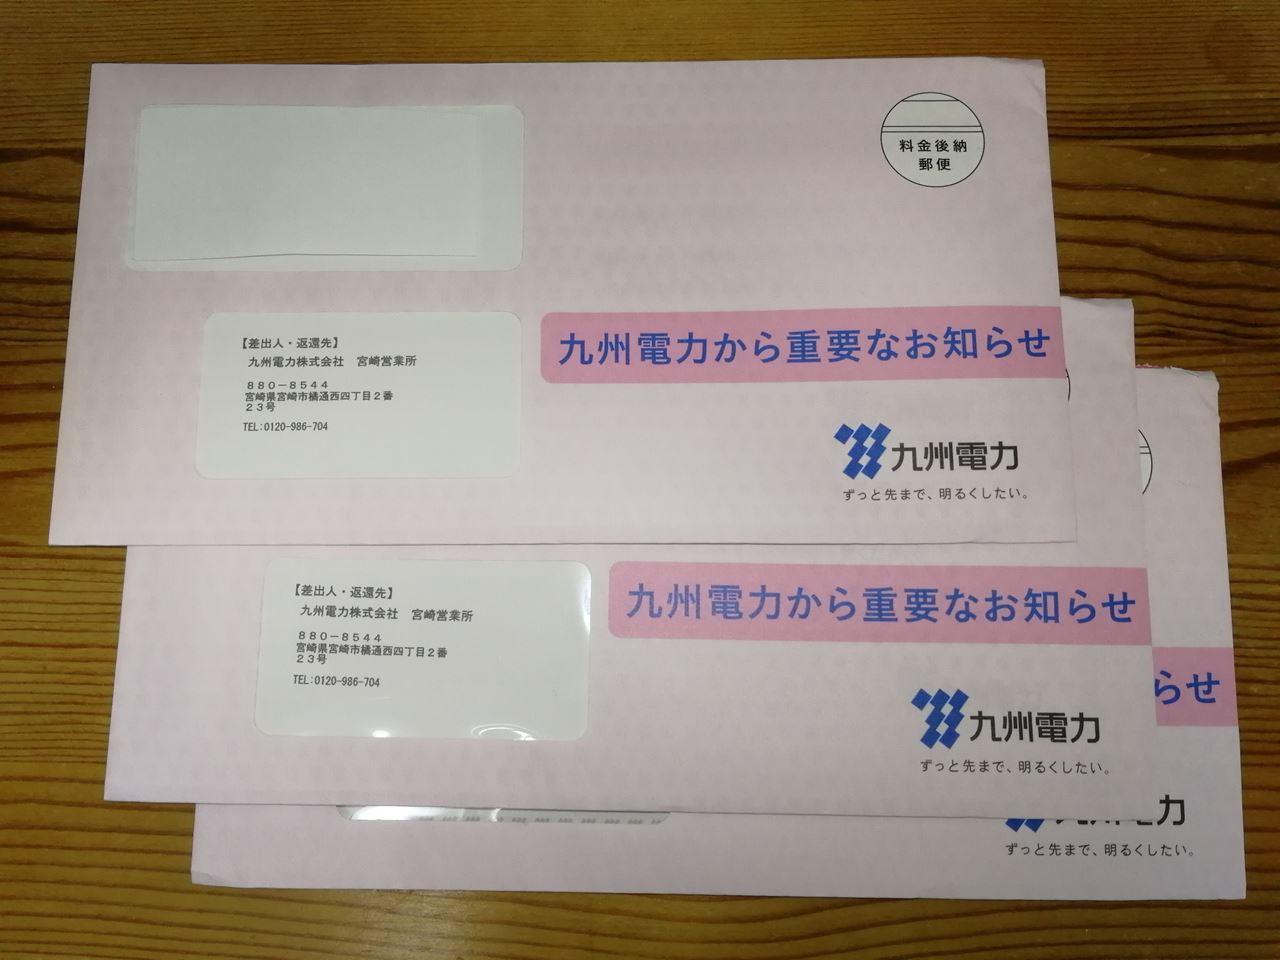 九州電力から【重要なお知らせ】が届きました|まさか例のあれか?!ドキドキ